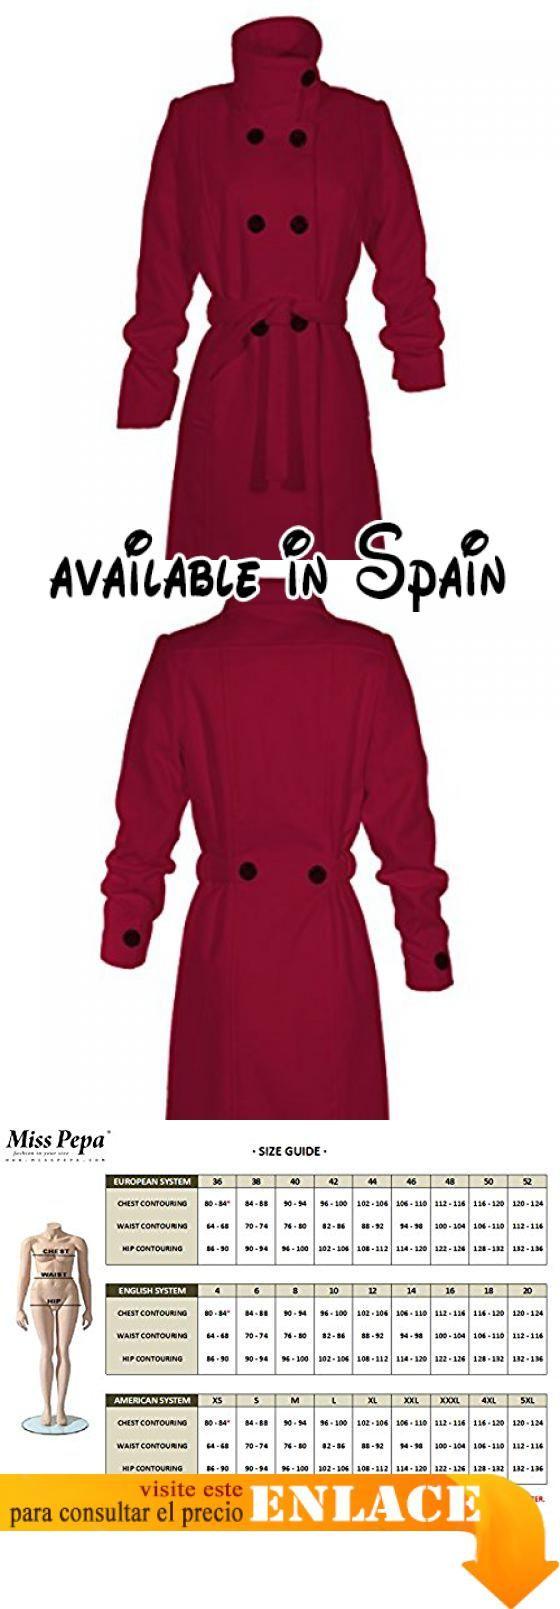 B06XCM3NL9 : Abrigo Rojo Cecil. Prenda juvenil y favorecedora. Tejido de tacto agradable. Fácil de lavar 30º. Plancha muy ligera. Amplio surtido de talla